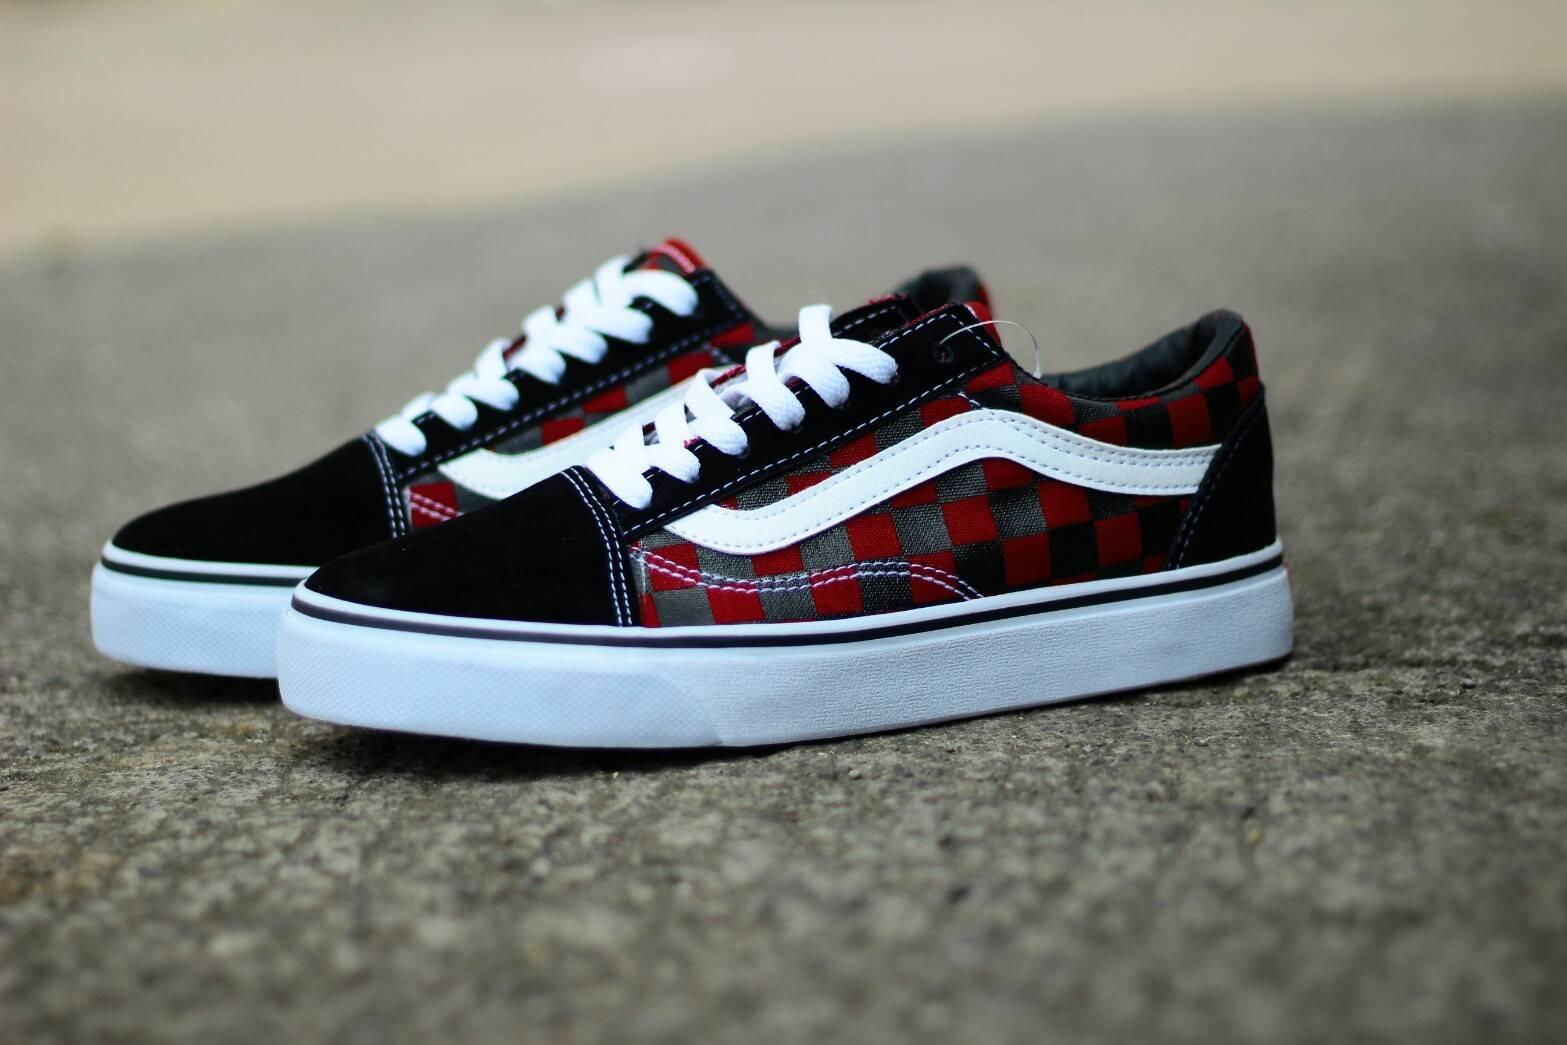 Promo Murah!!! Sepatu Sneakers Vans Old Skool Checkerboard Import Quality - Black White -